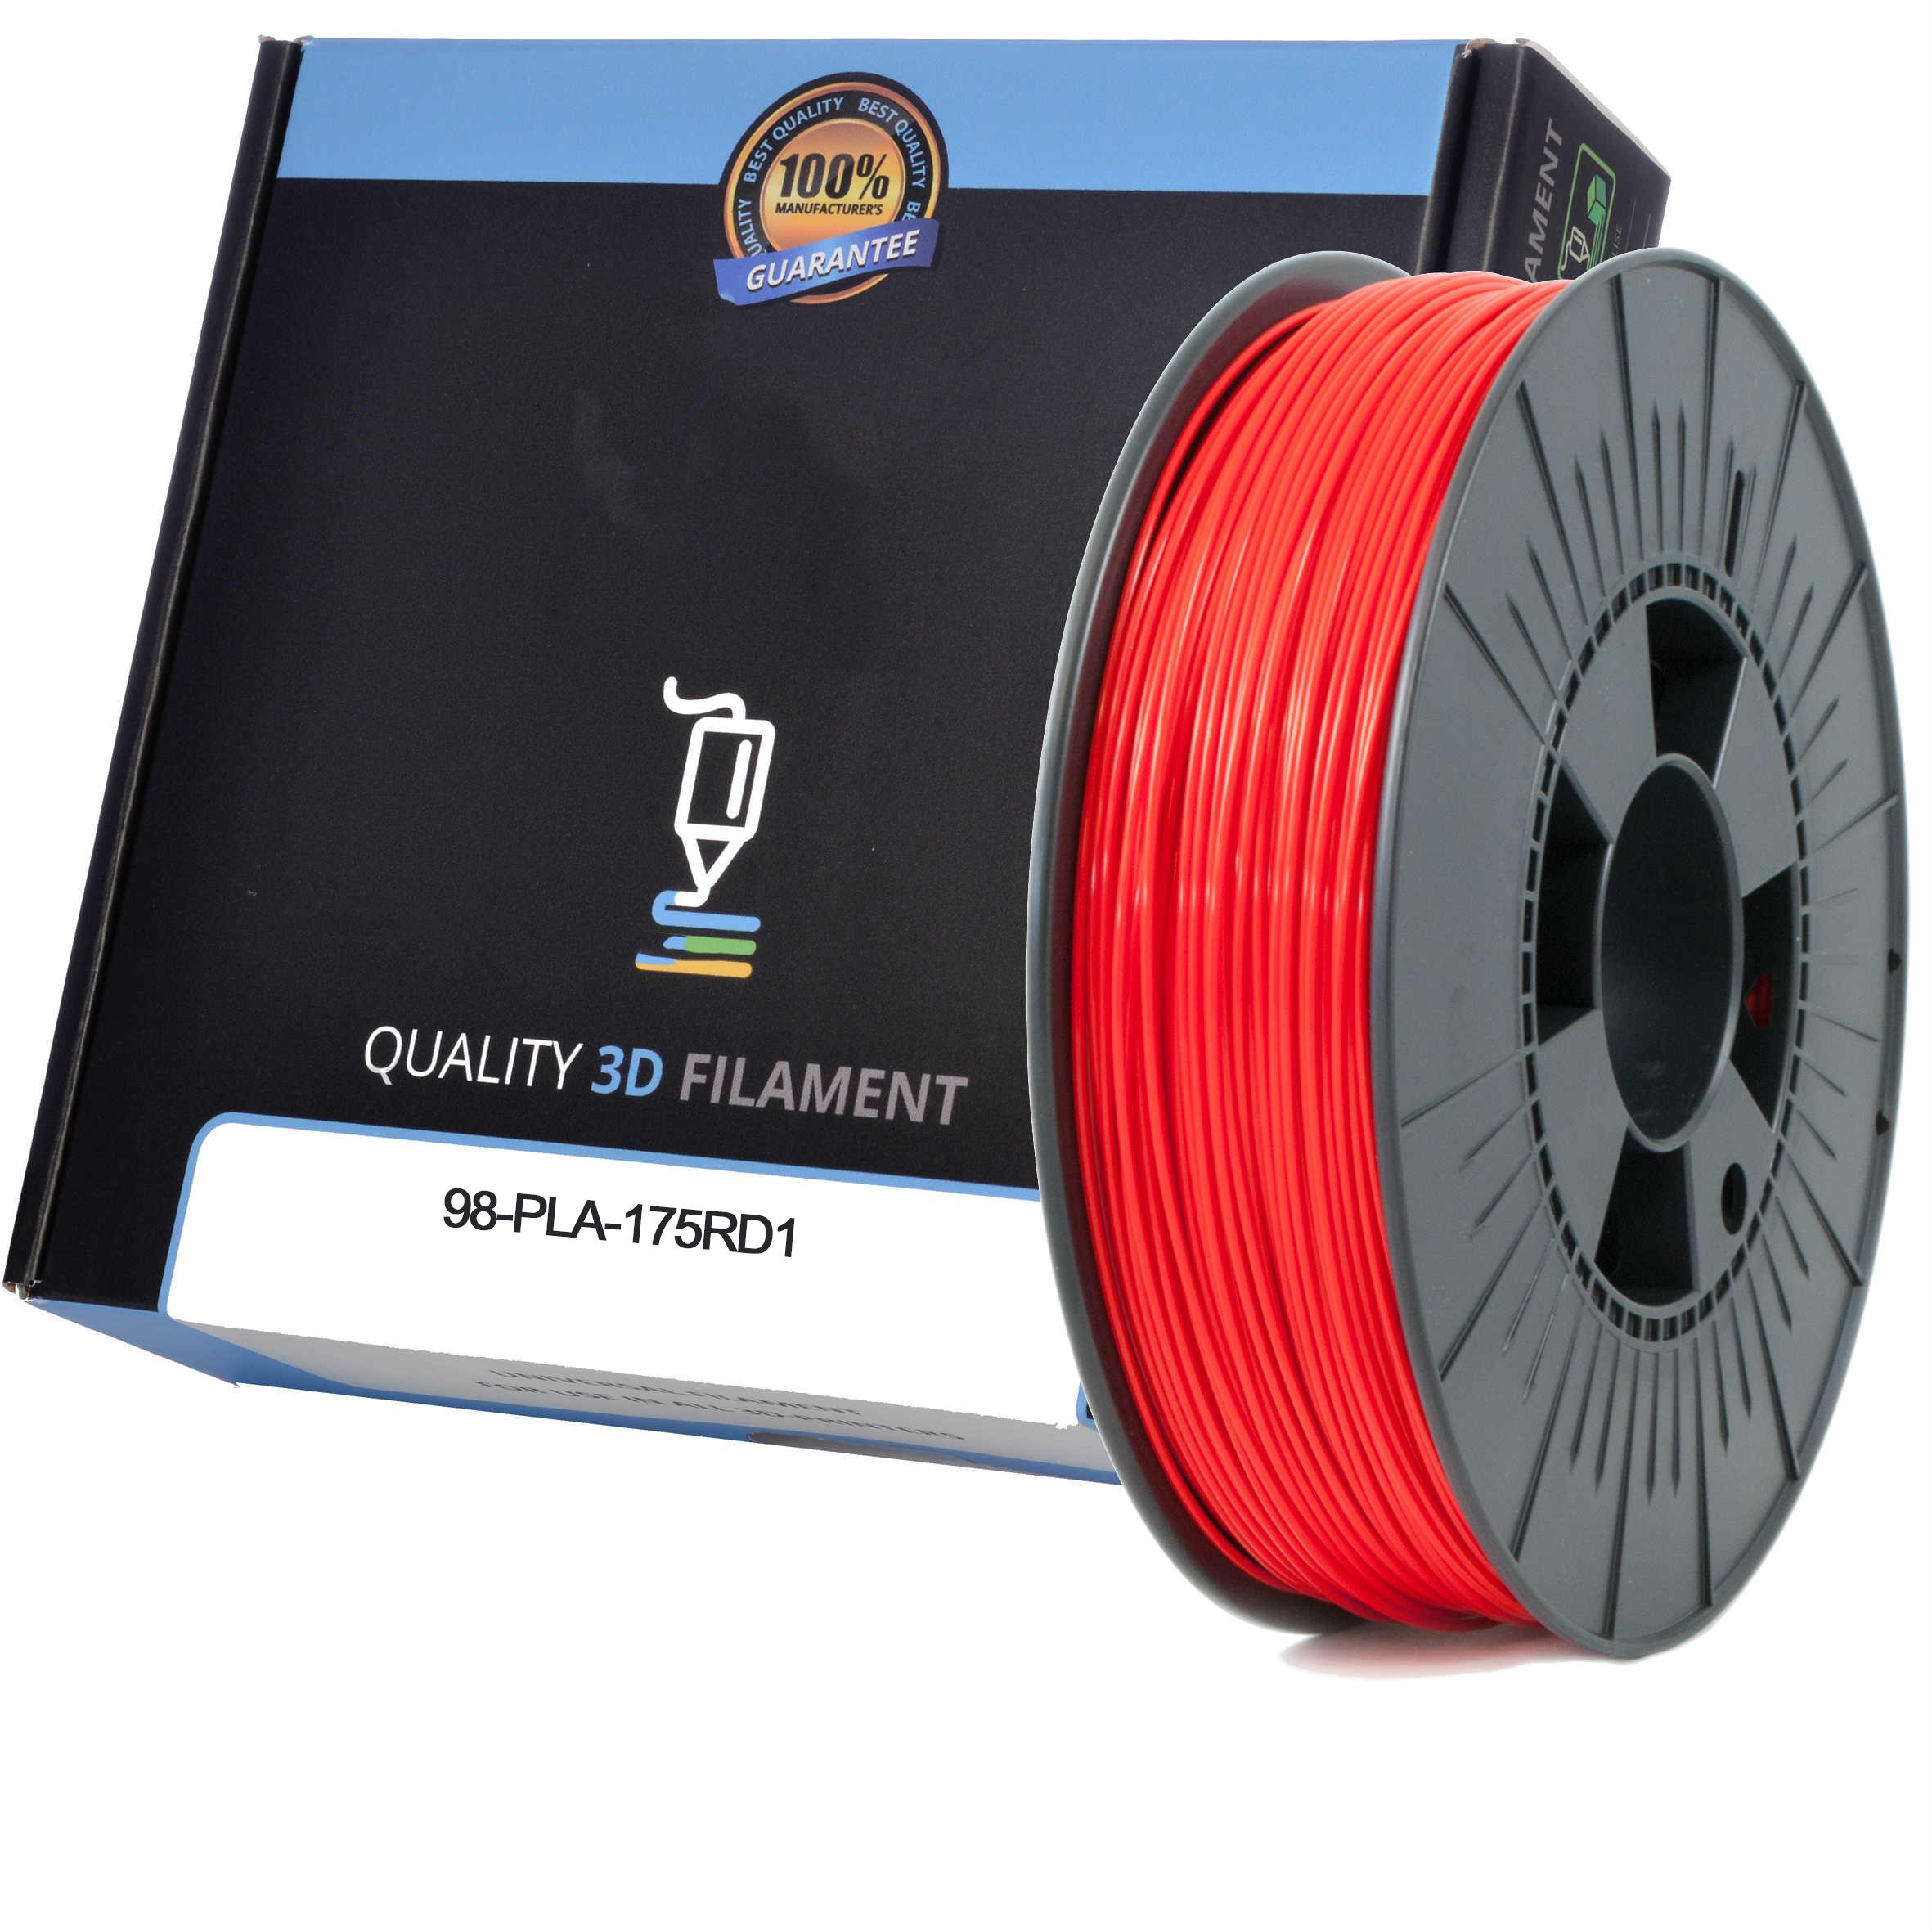 Premium Compatible PLA 1.75mm Red 0.5kg 3D Filament (98-PLA-175RD1)